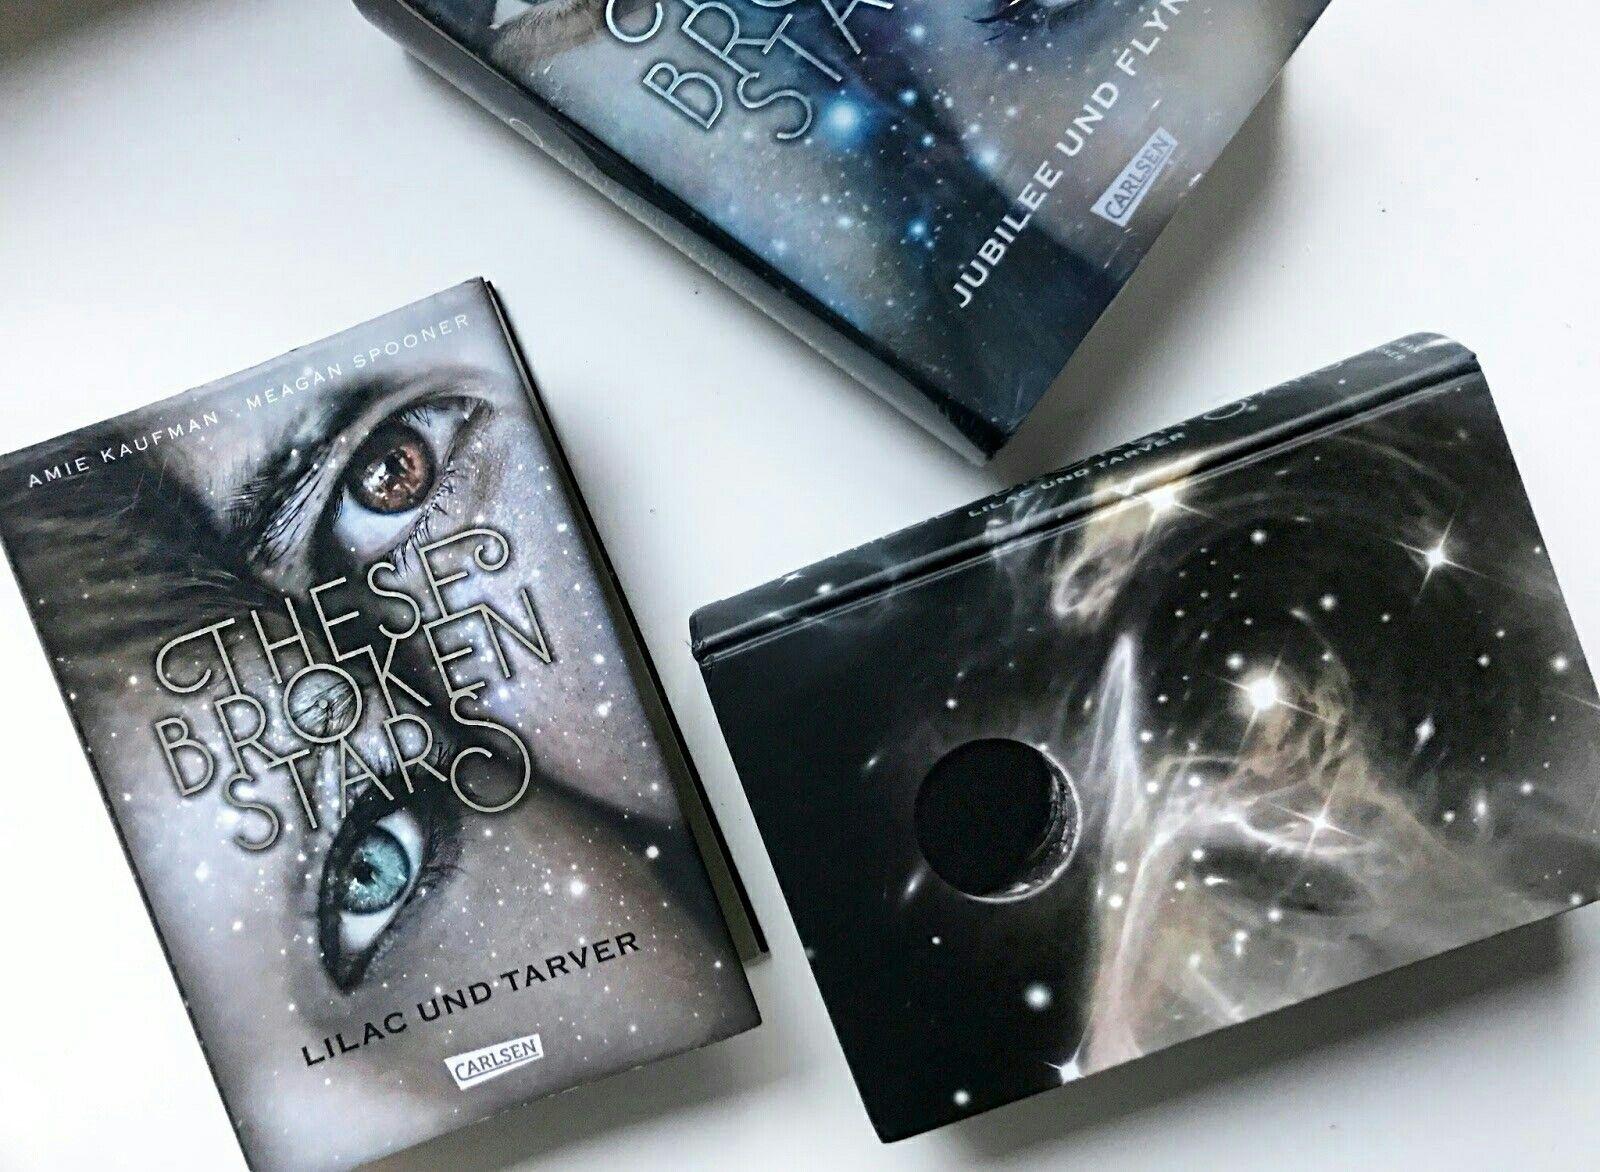 Titel These Broken Stars Lilac Und Tarver Autor Amie